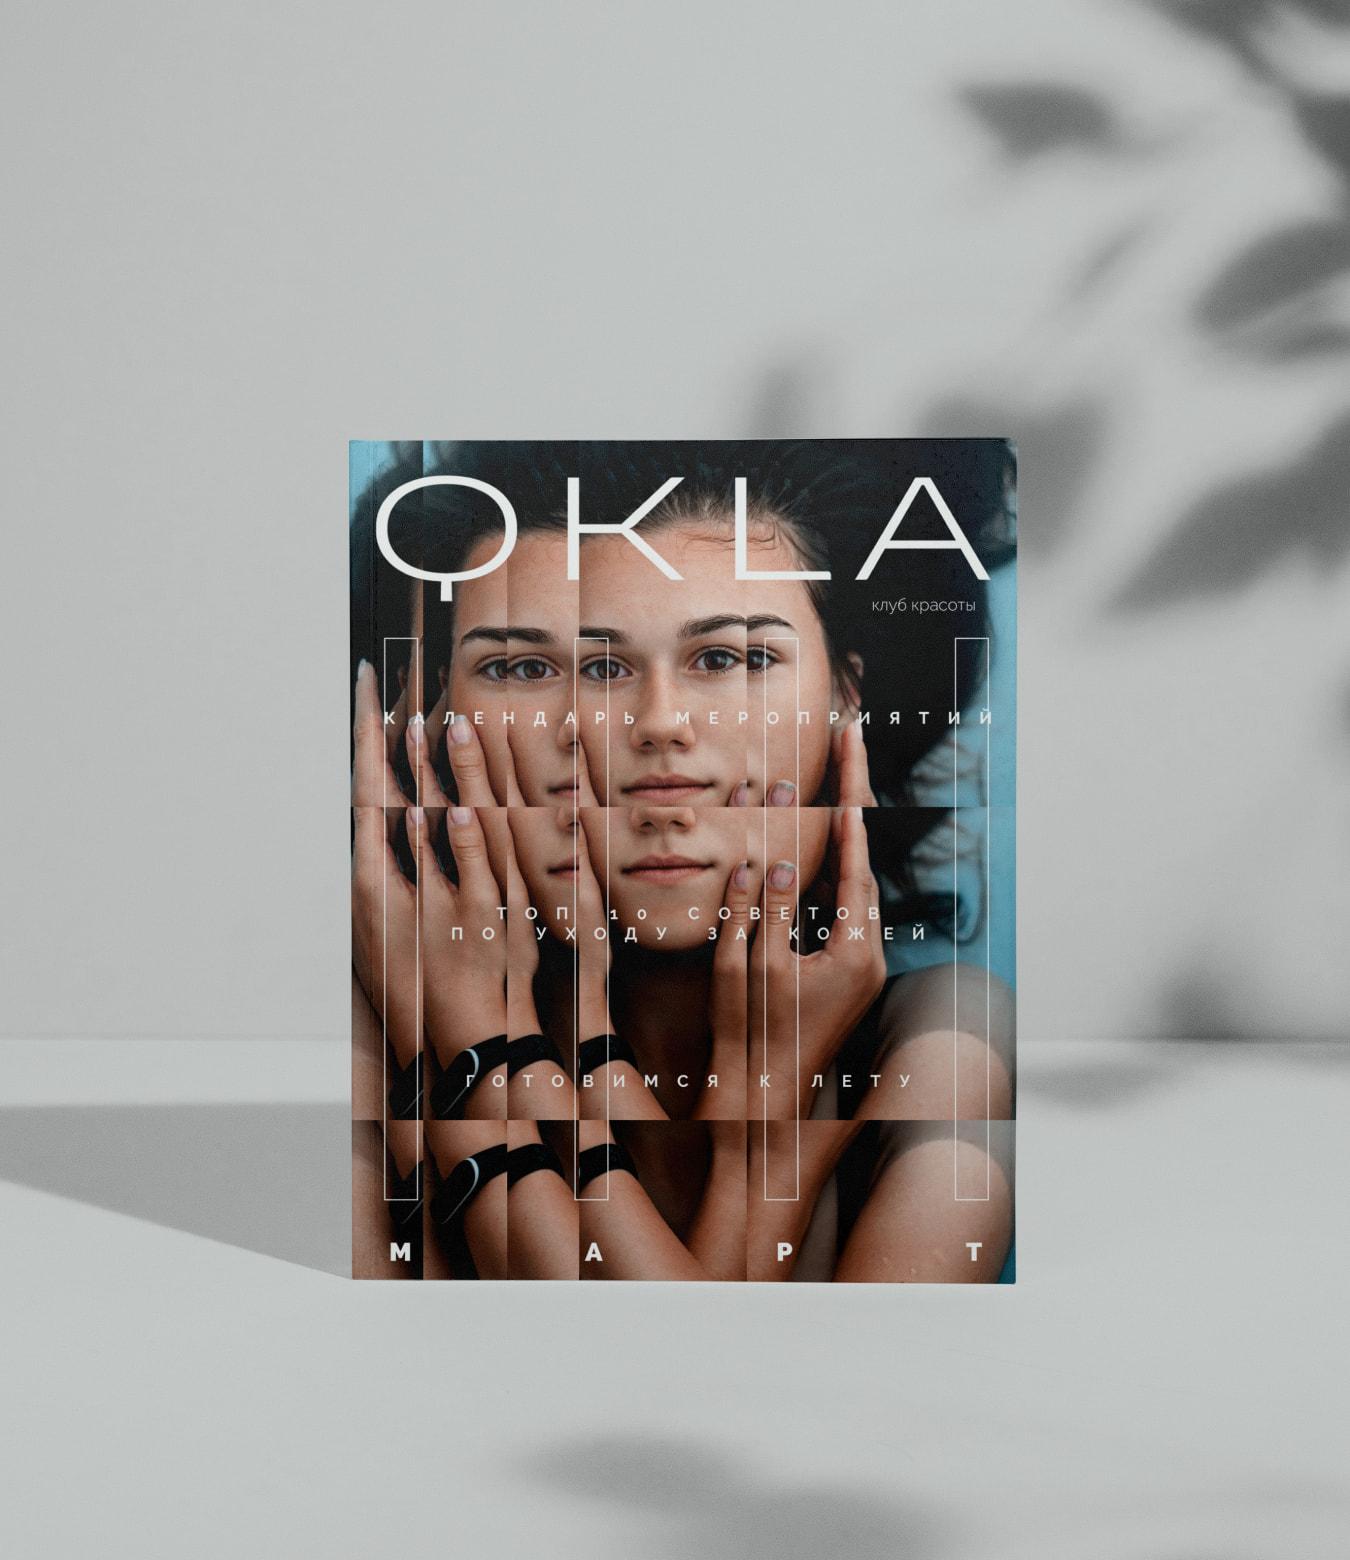 qkla_09-1